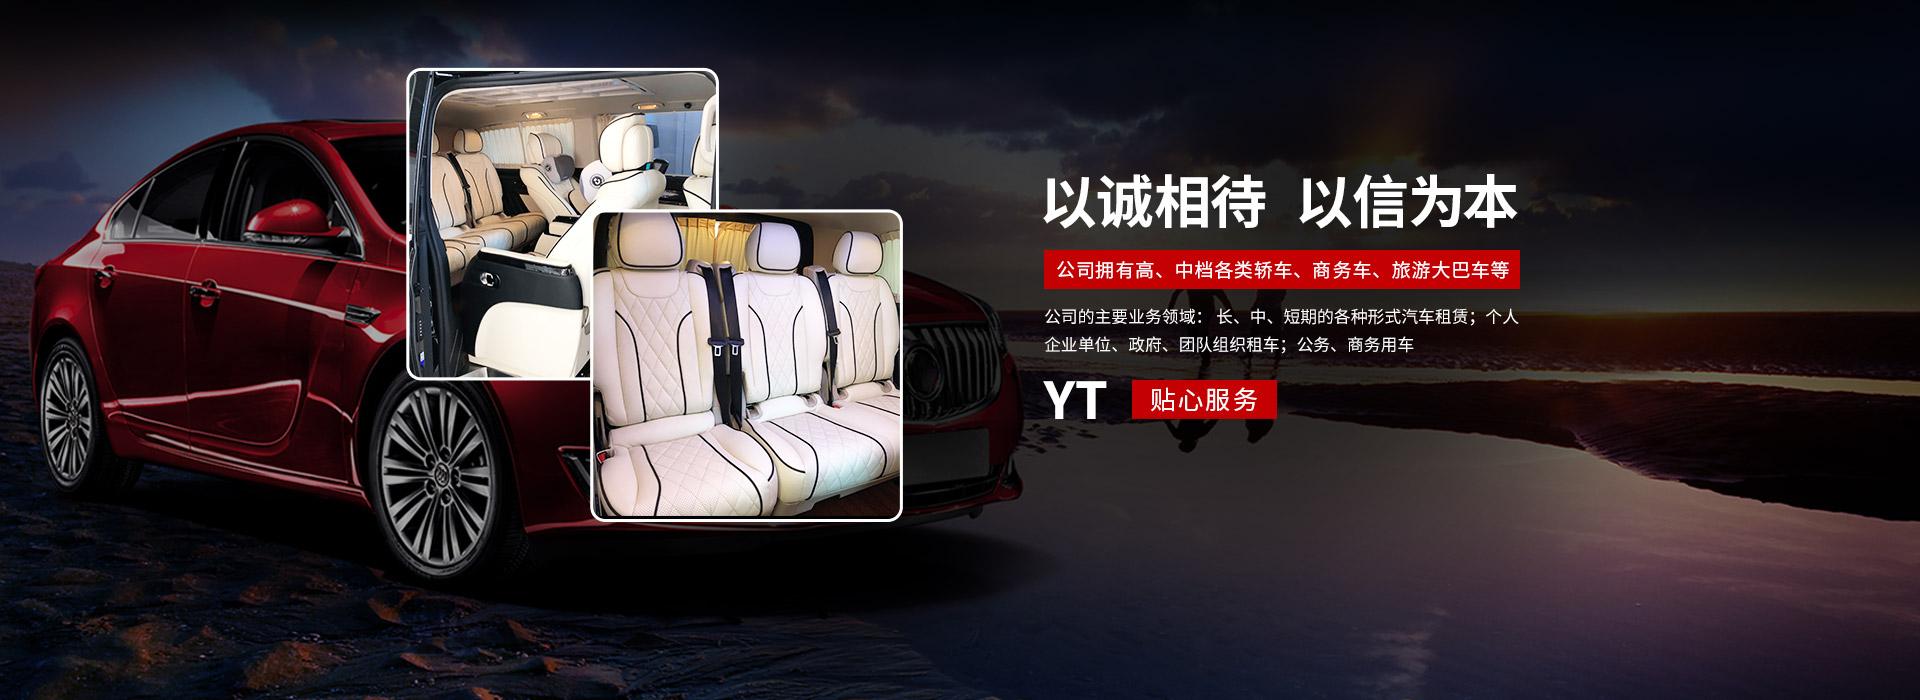 苏州怡彤汽车租赁有限公司